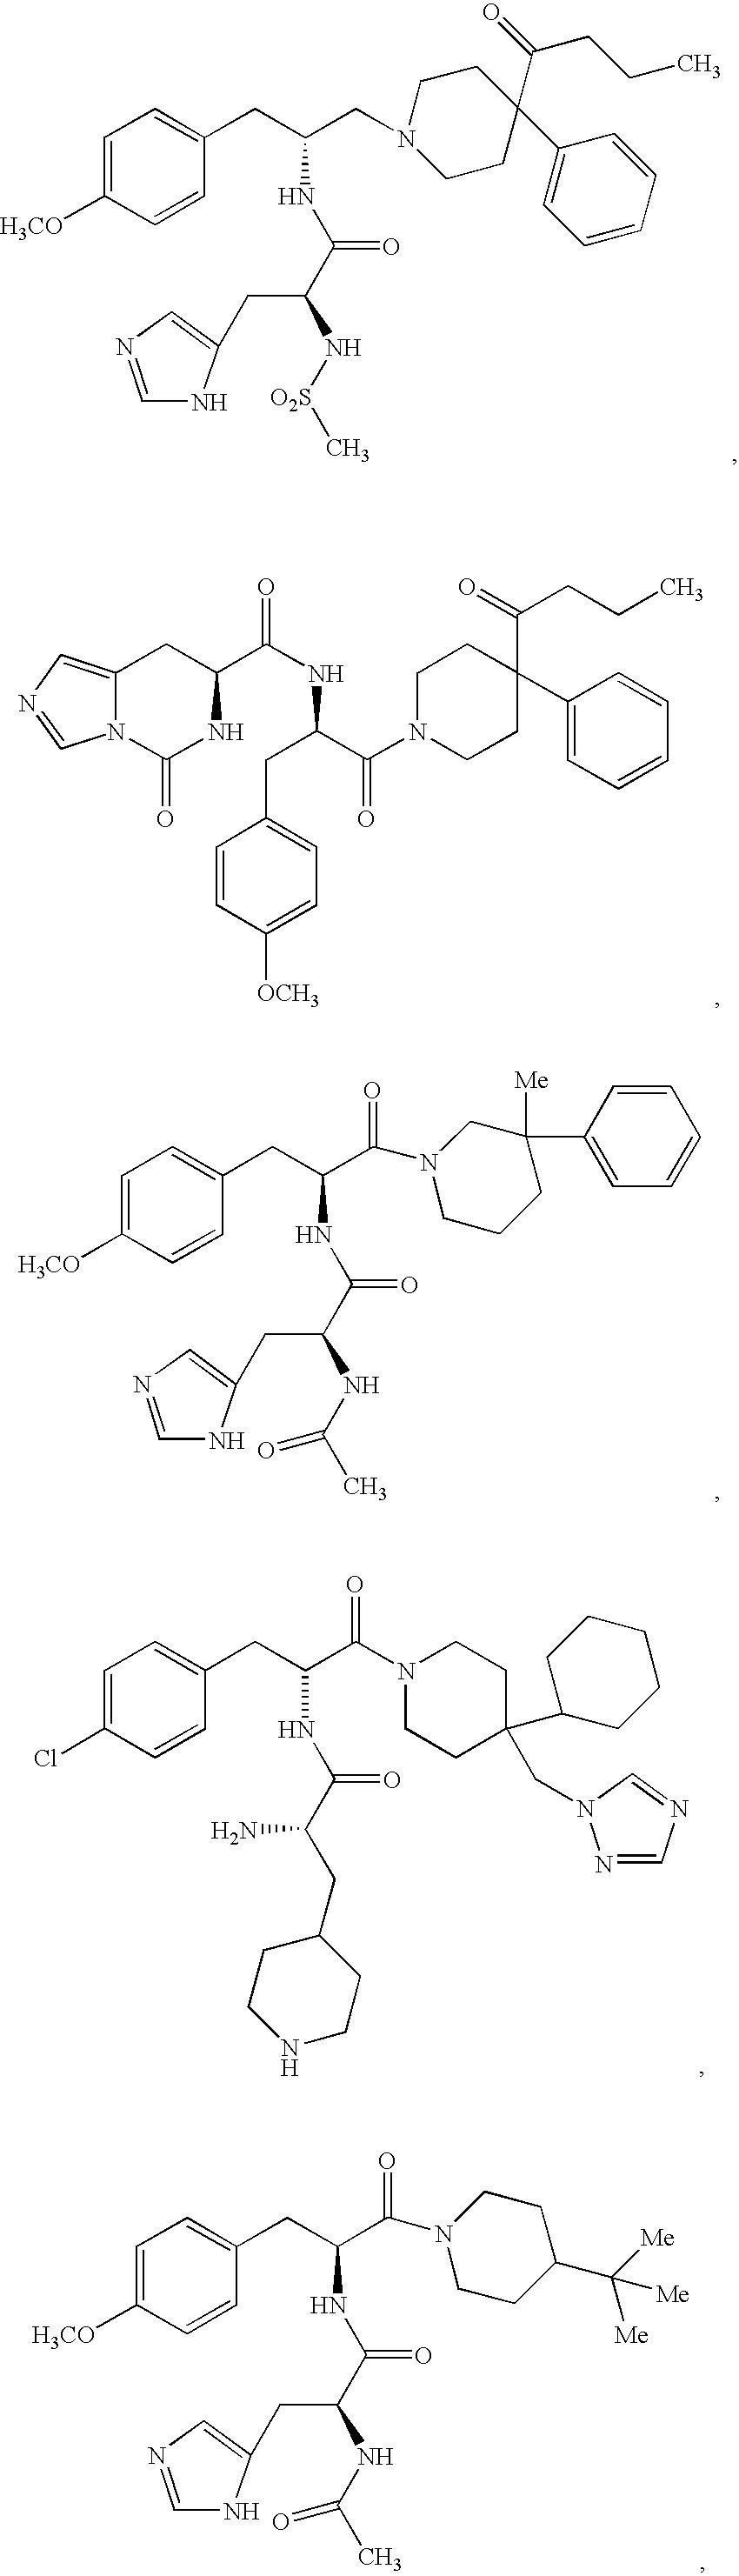 Figure US20040229882A1-20041118-C00024